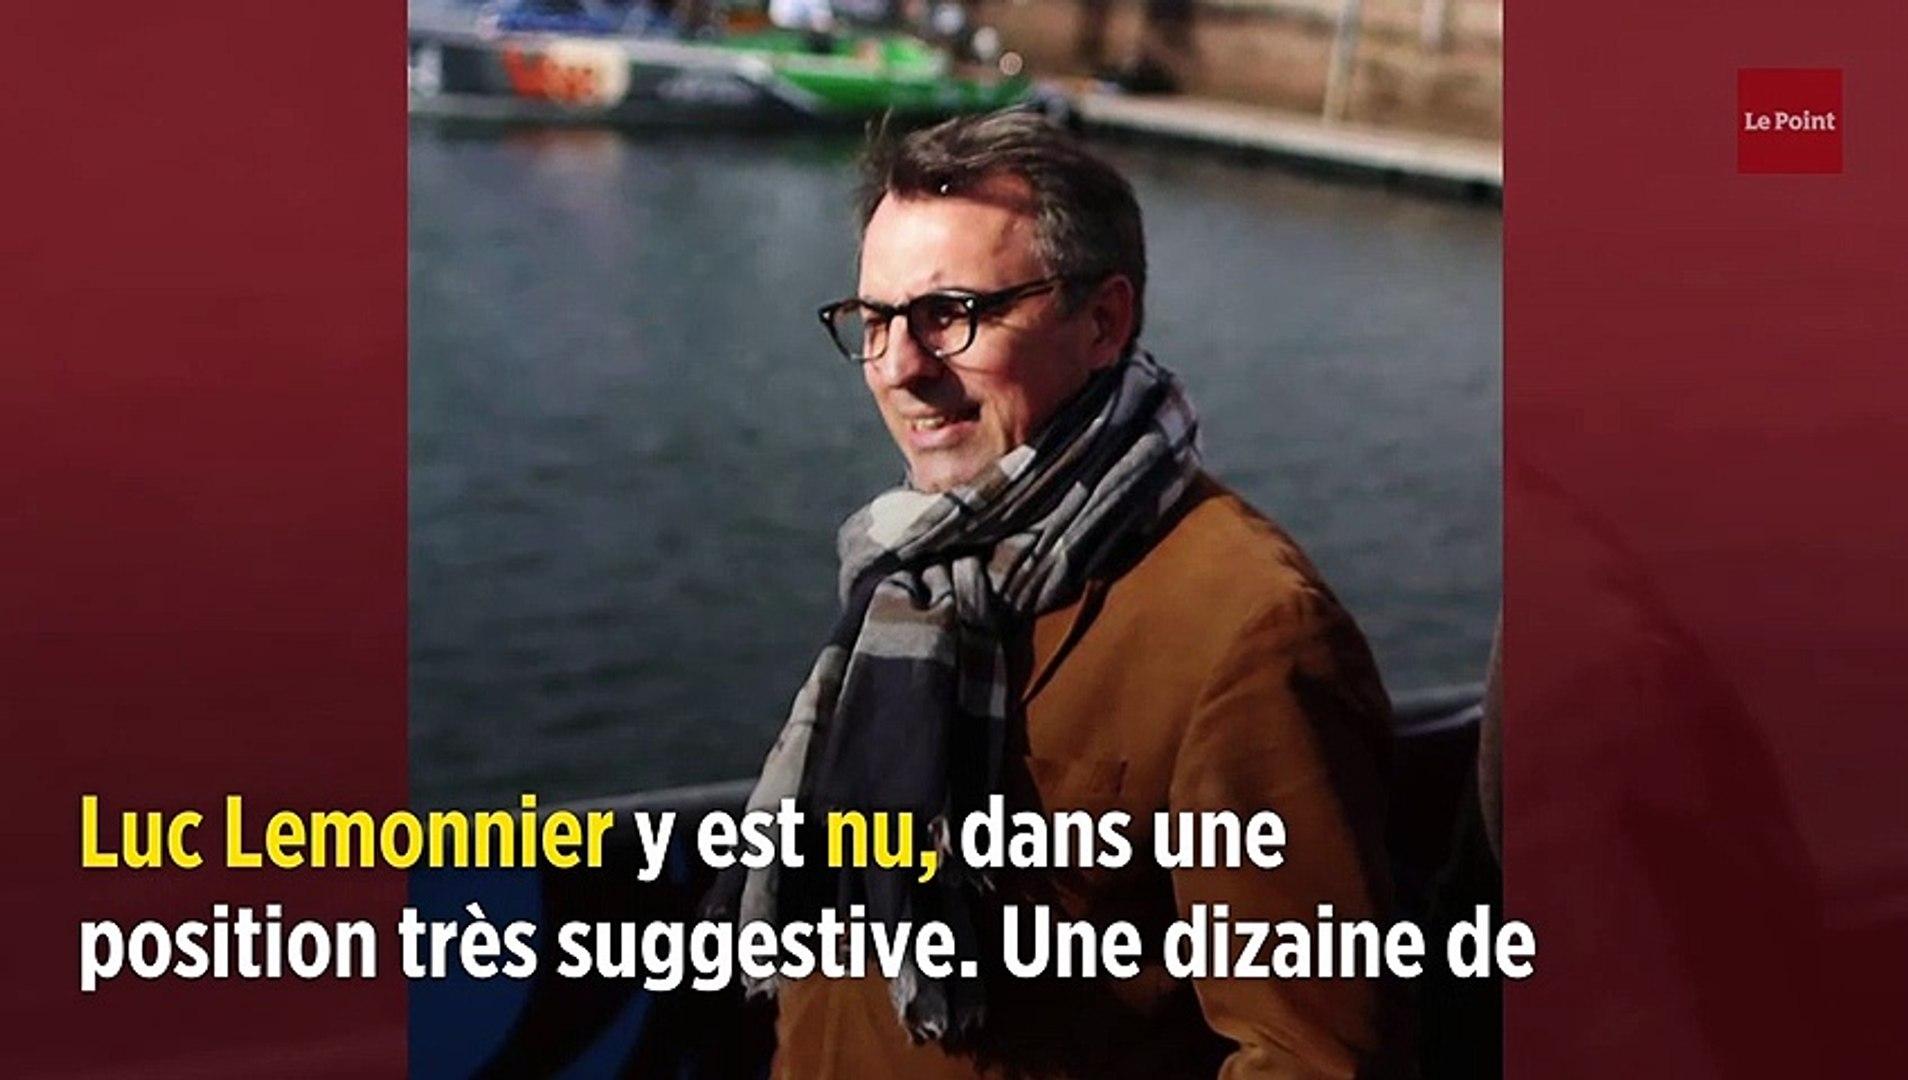 Rencontre libertine du Havre – Cherche homme pour passer un bon moment